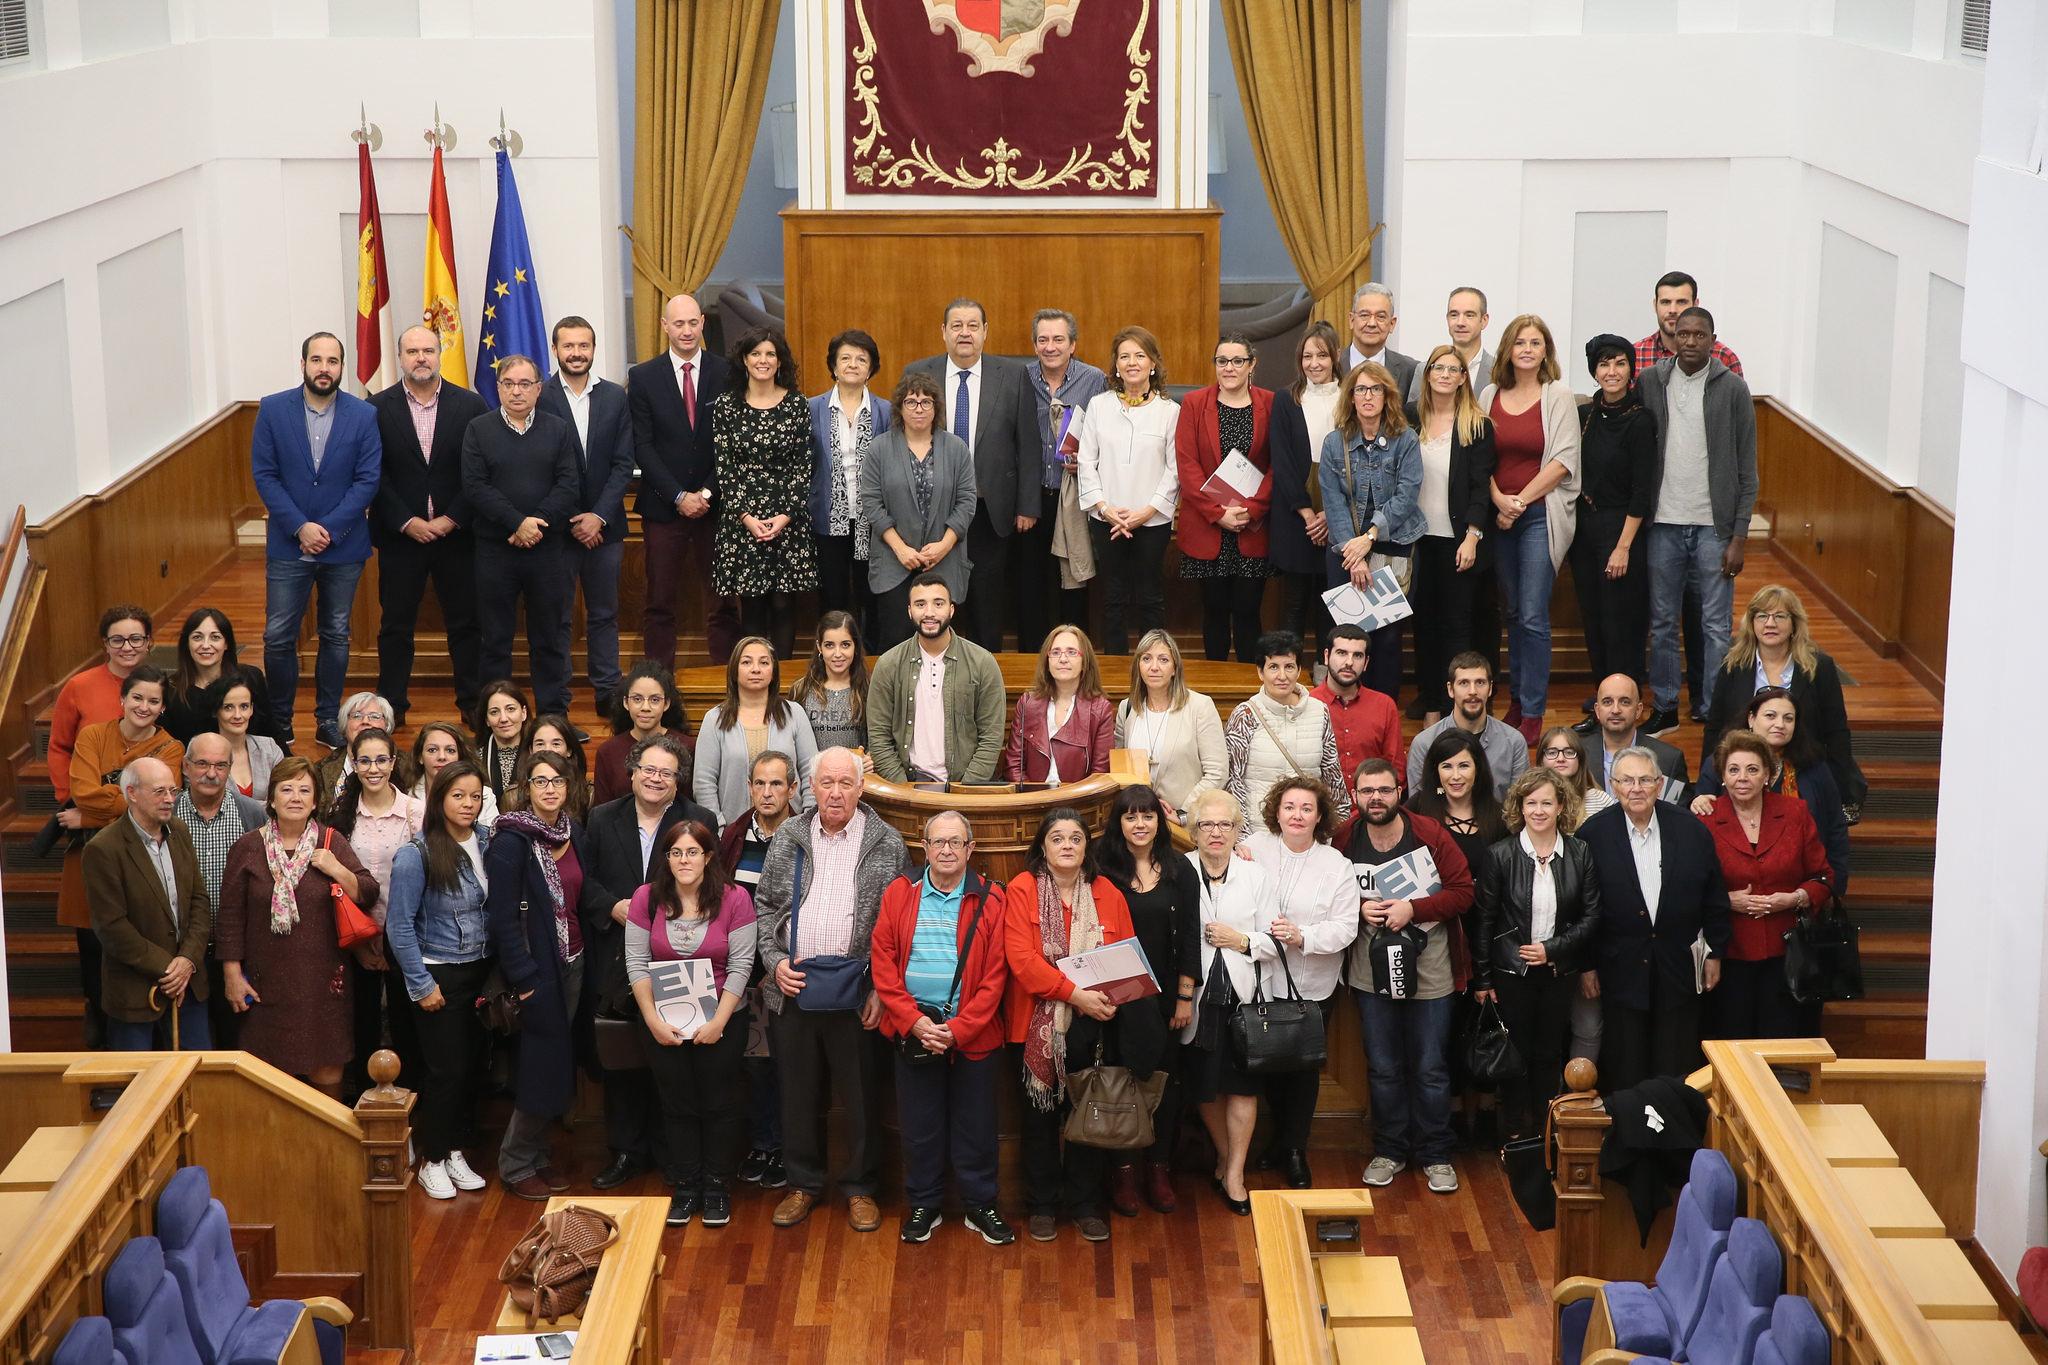 Pleno Institucional en las Cortes de Castilla-La Mancha para clausurar los Actos de la Semana para la Erradicación de la Pobreza